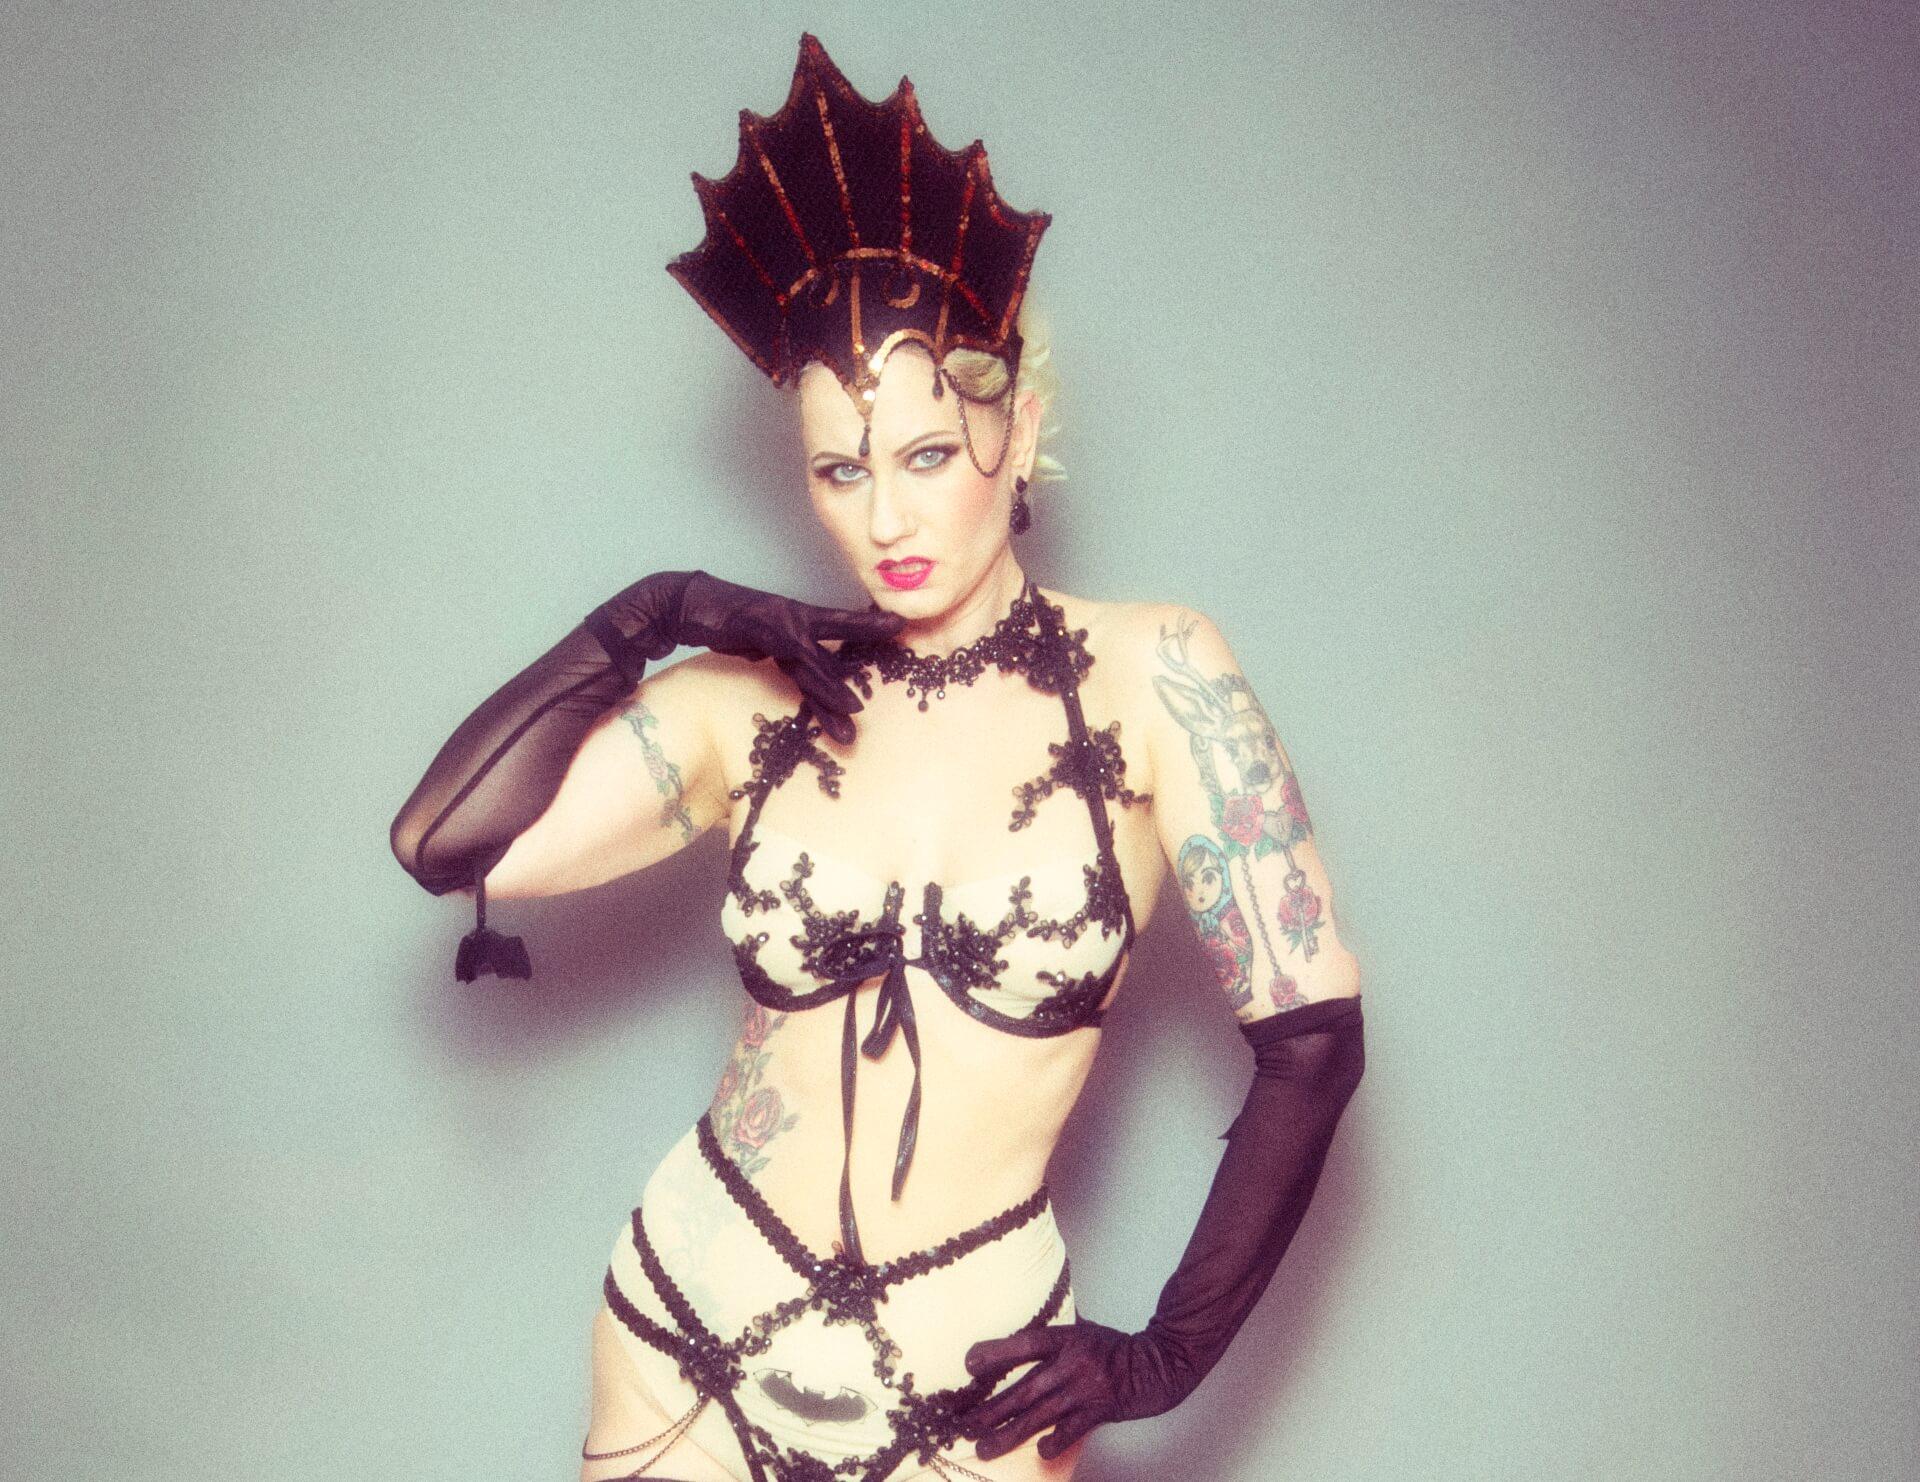 Burlesque Tänzerin Rose Rainbow aus München buchen für eine Burlesque Show Blonde Bombshell Burlesque